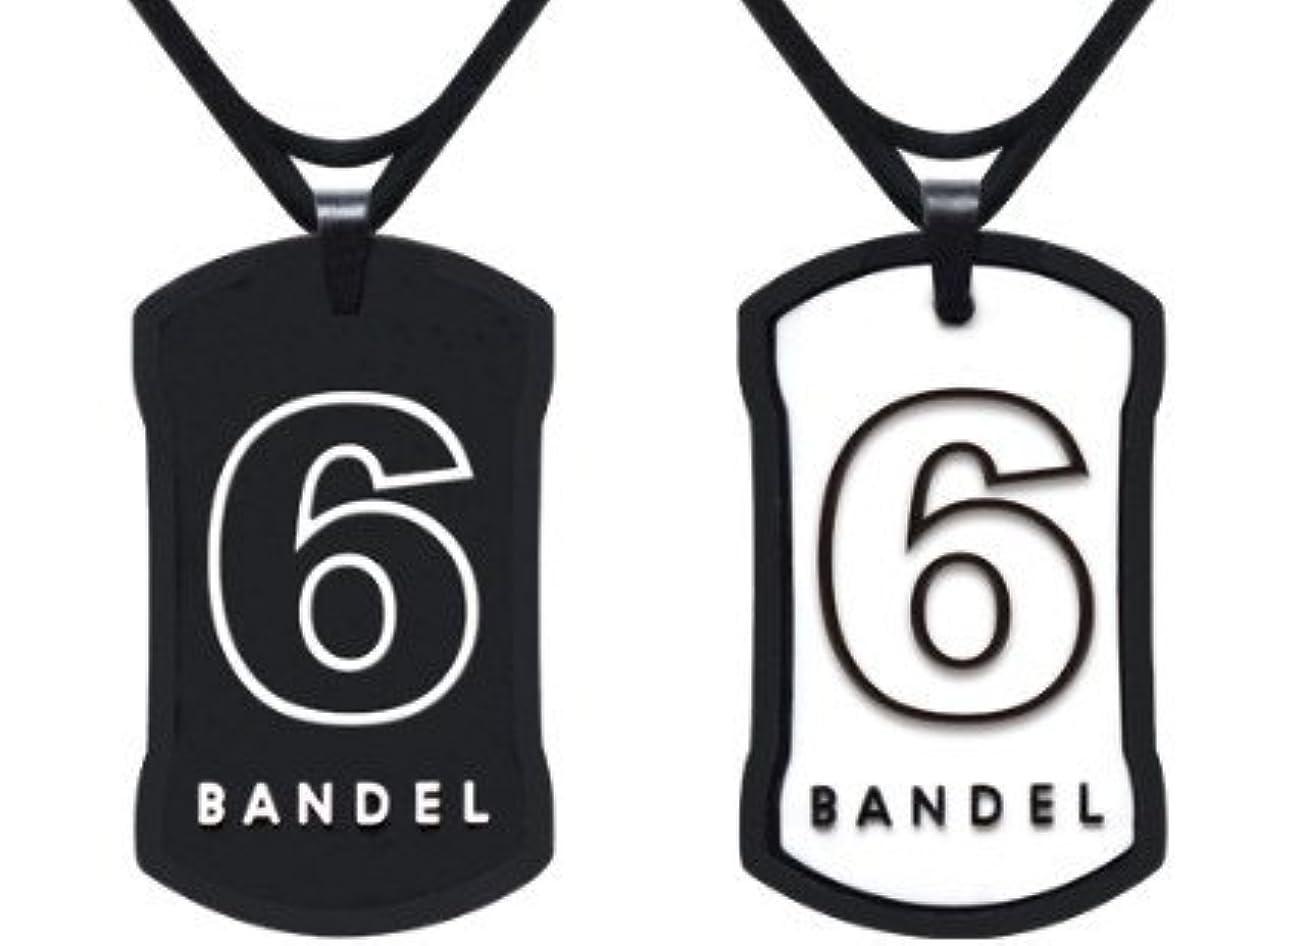 帝国主義湿気の多い神秘的な[バンデル?BANDEL]ナンバー ネックレス リバーシブル No.6(ブラックxホワイト)60cm